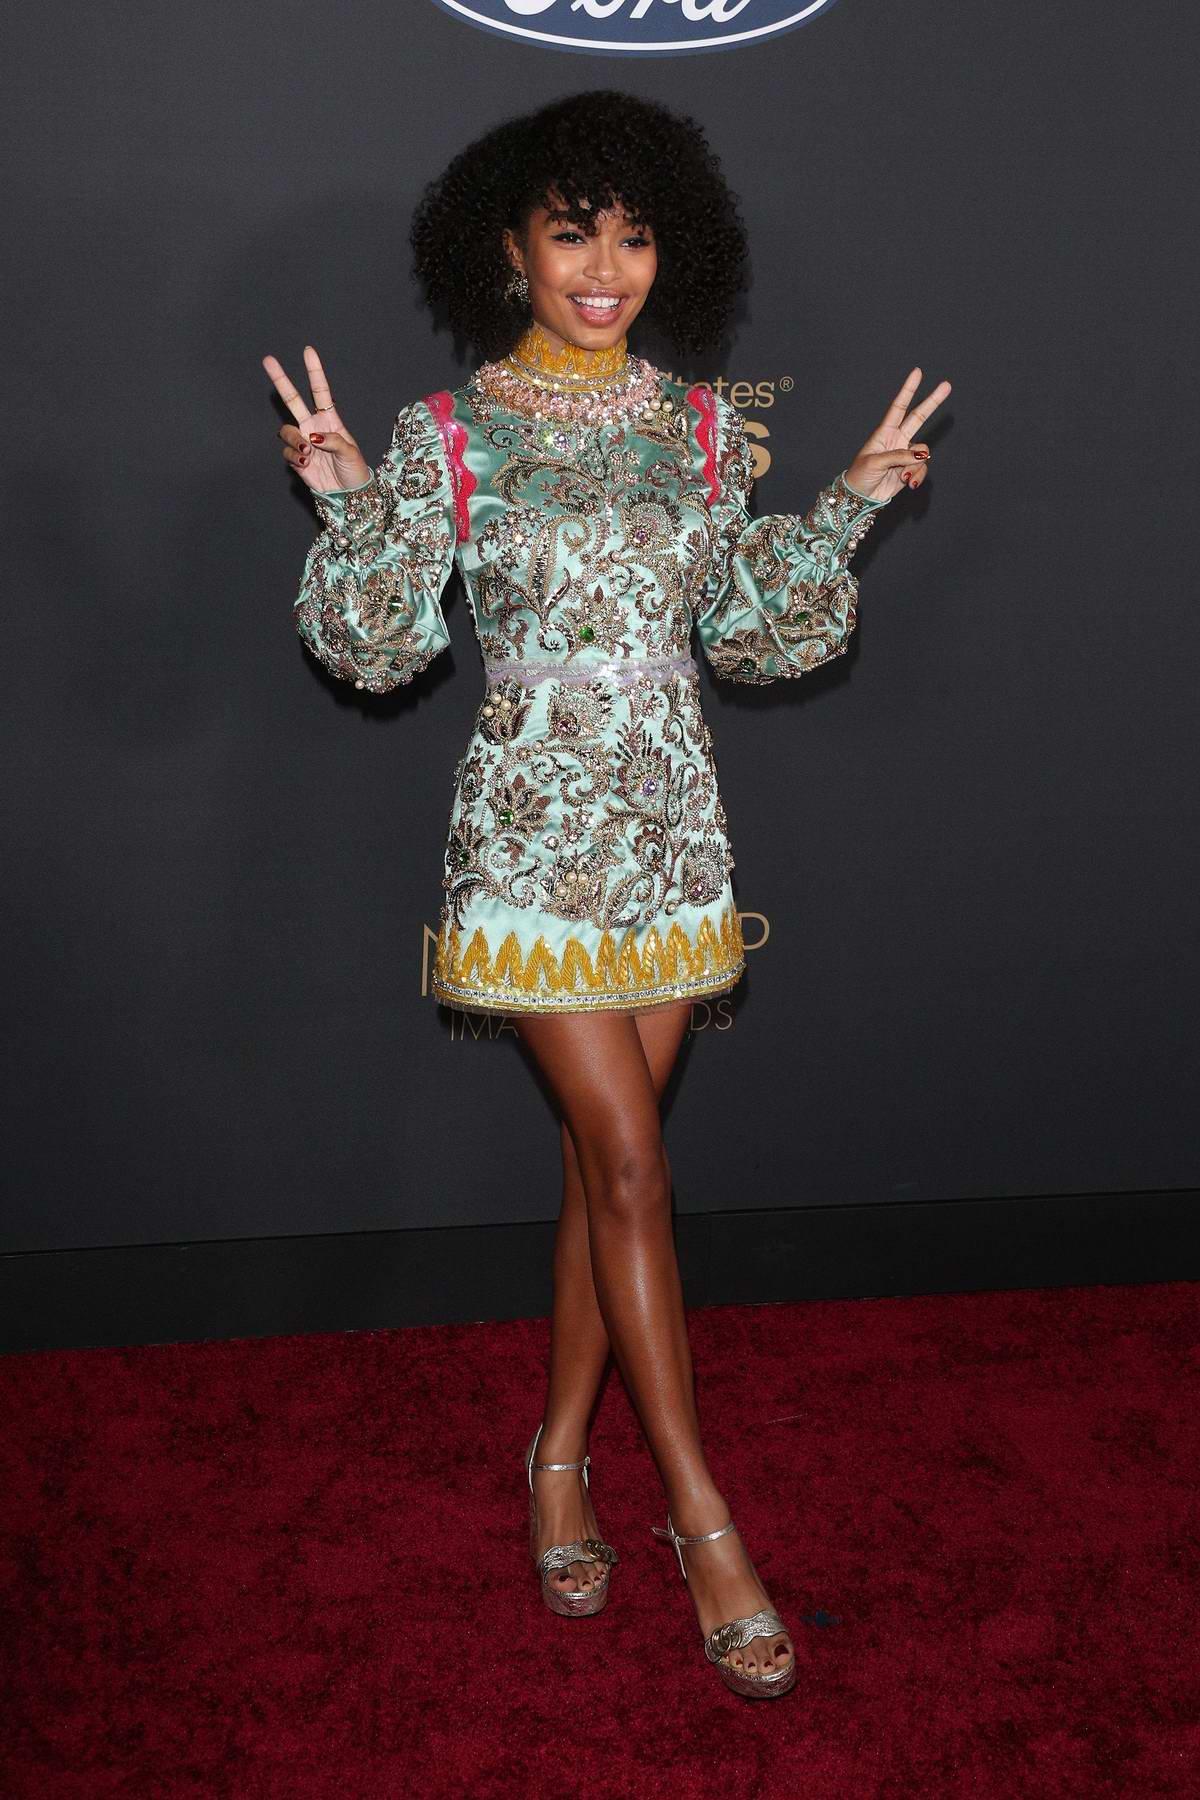 Yara Shahidi attends the 51st NAACP Image Awards at Pasadena Civic Auditorium in Pasadena, California